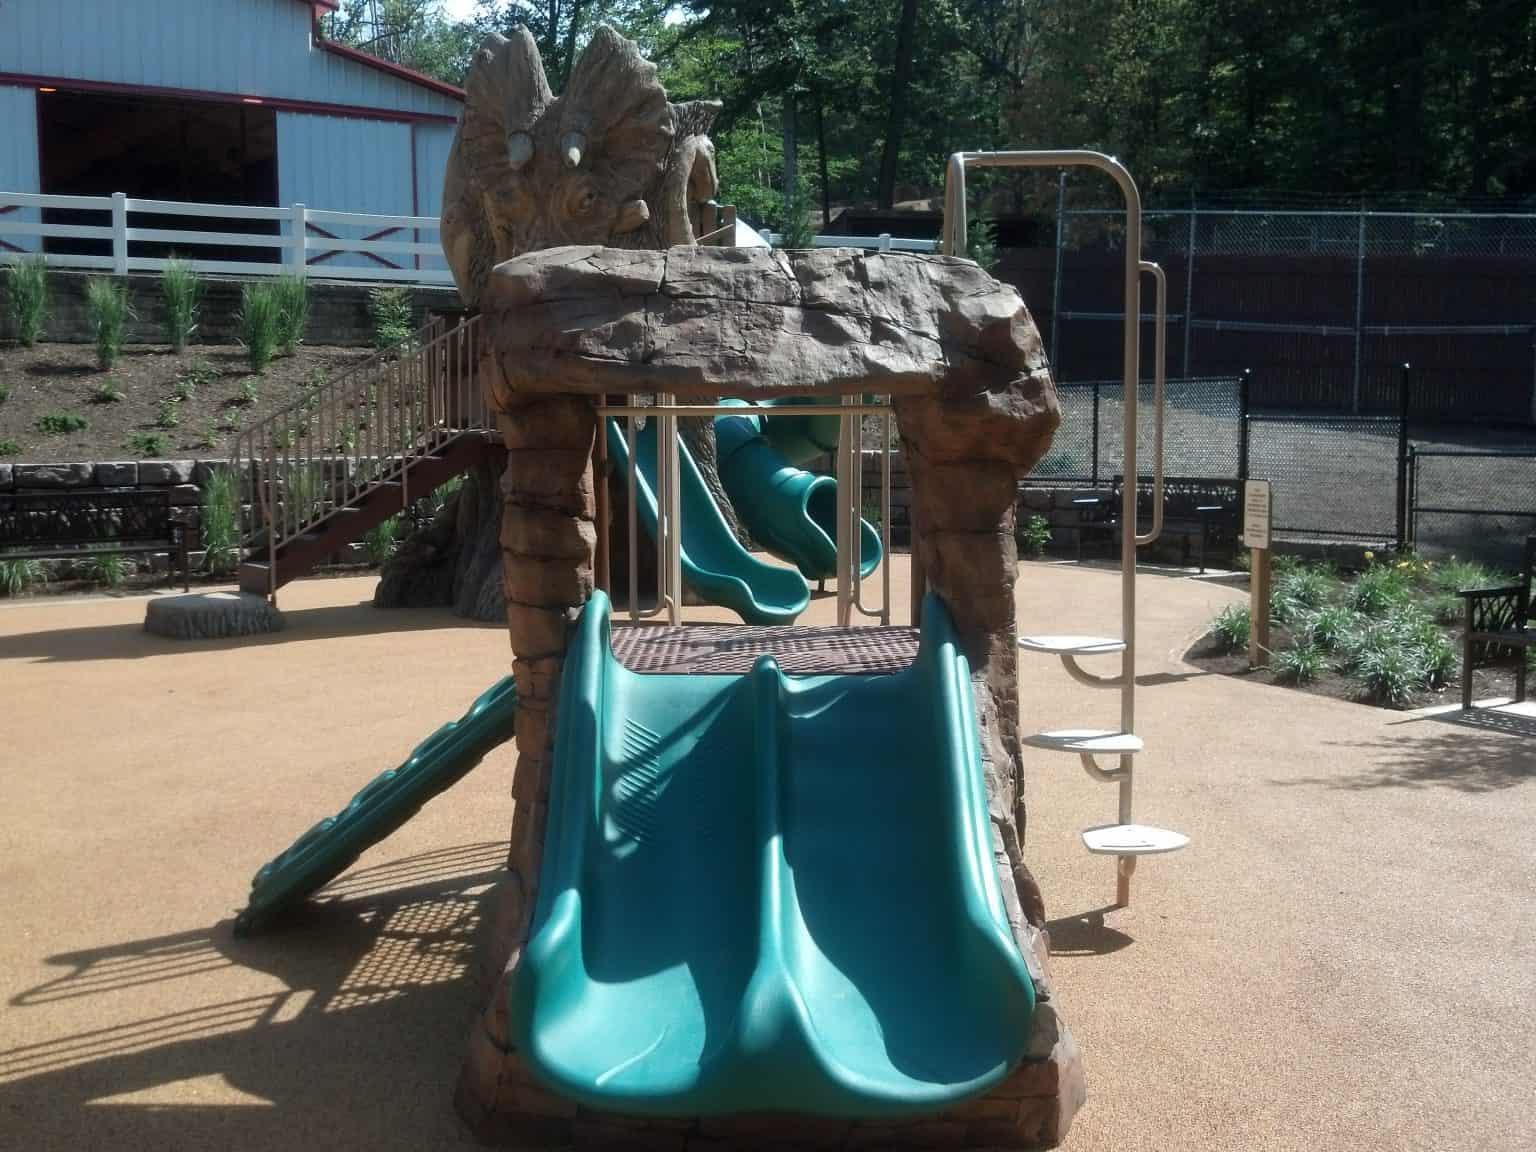 turtle-back-zoo-playground-west-orange-nj_11519183524_o-1536x1152